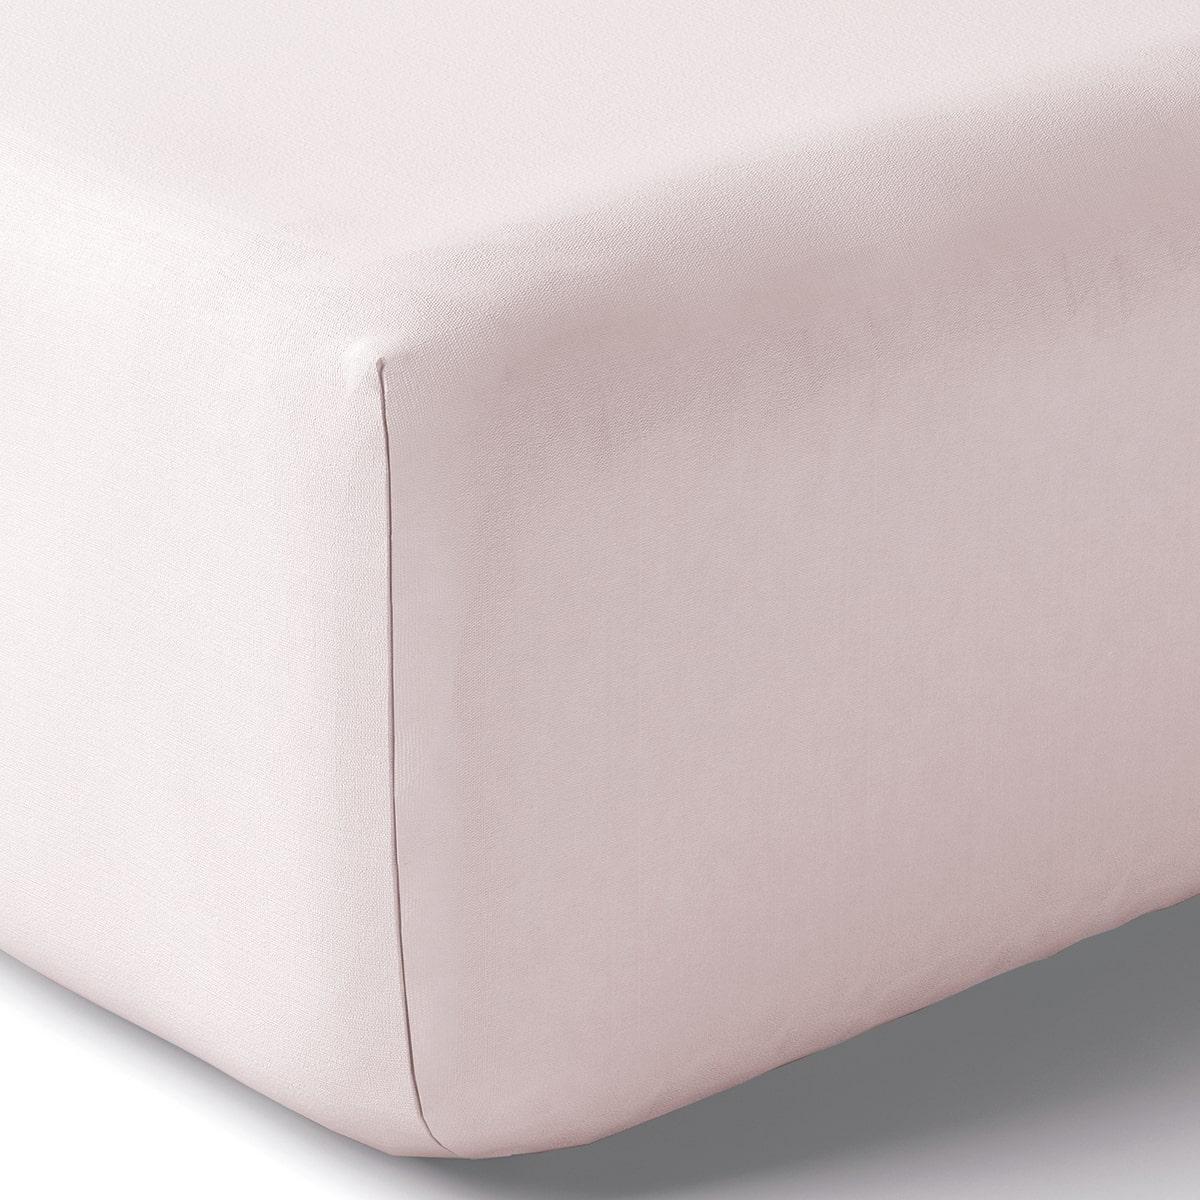 Drap housse coton 140x200 cm ecaille